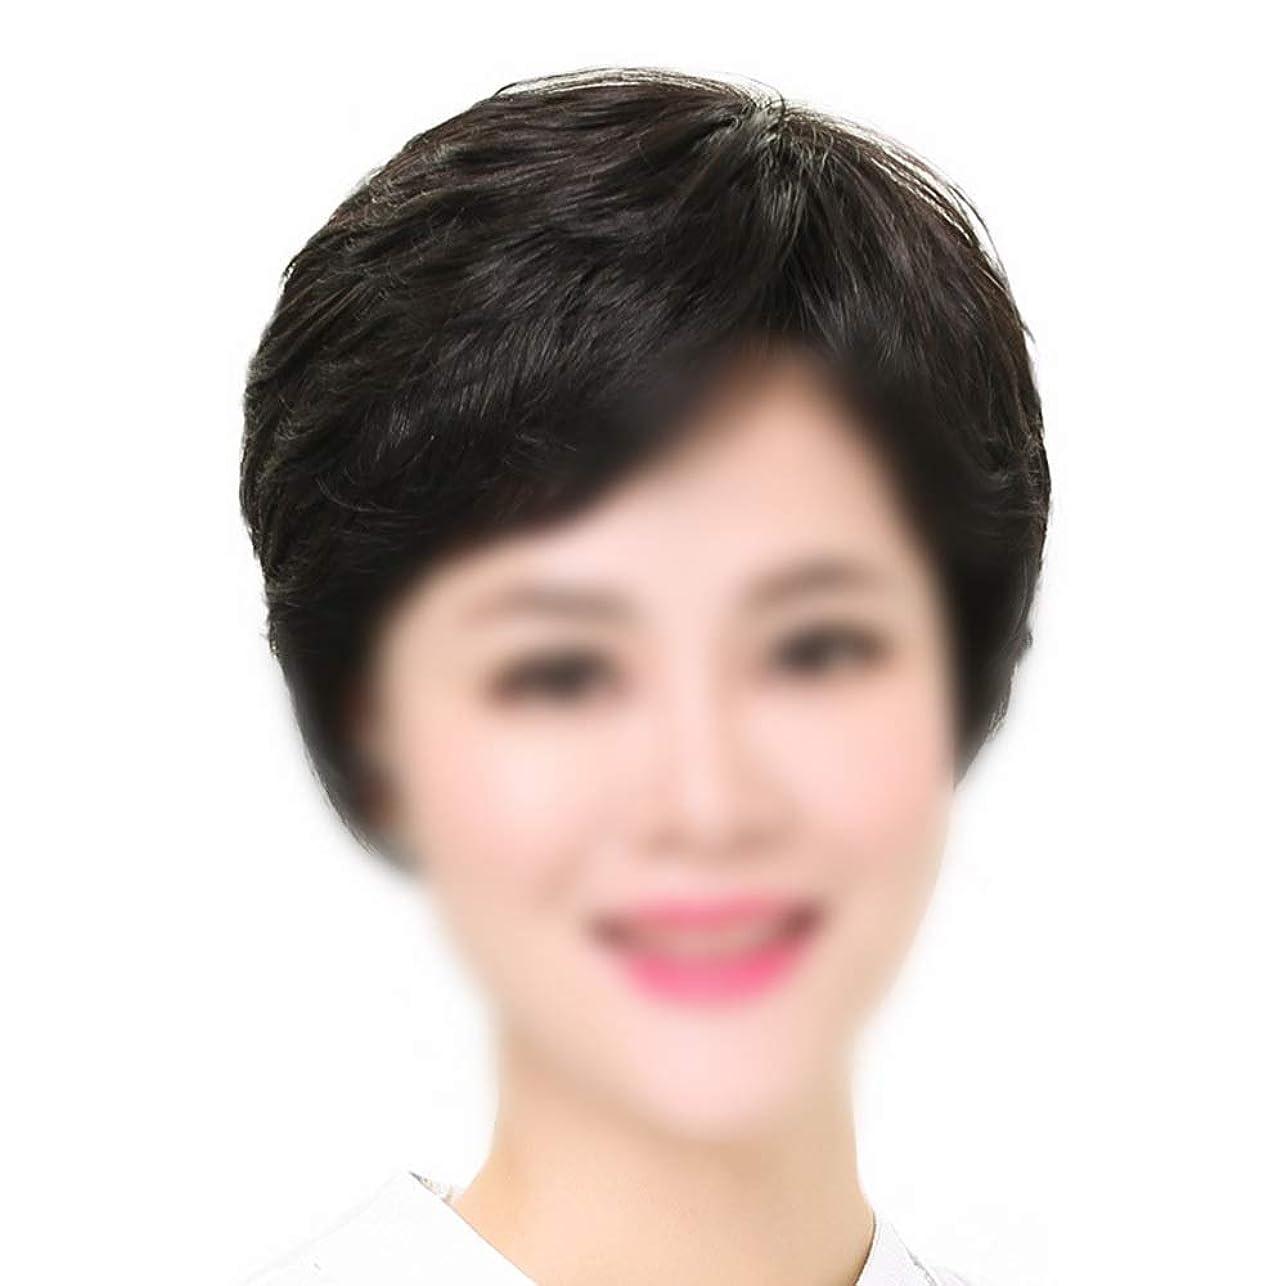 素晴らしい良い多くのキャンパス安らぎYESONEEP フル織りの女性の自然な人間の髪の毛のマイクロ波短髪中年のかつらパーティーのかつら (Color : Natural black, サイズ : Mechanism)